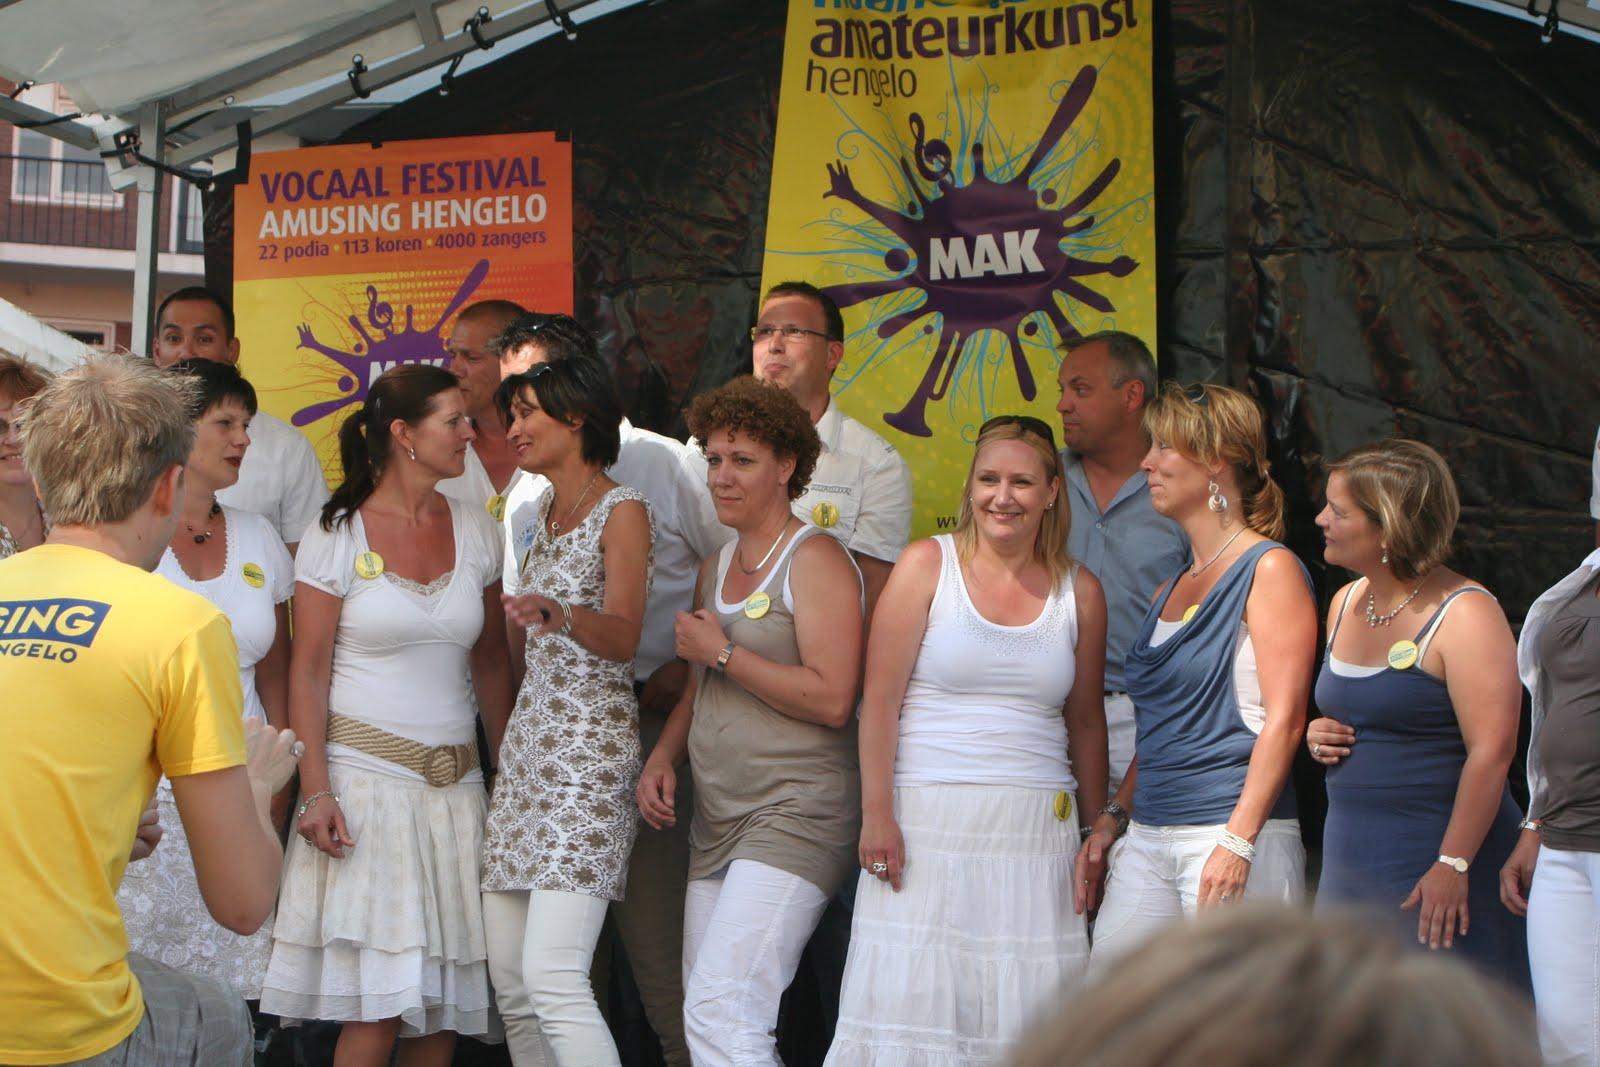 Vocal Group Qoorieus